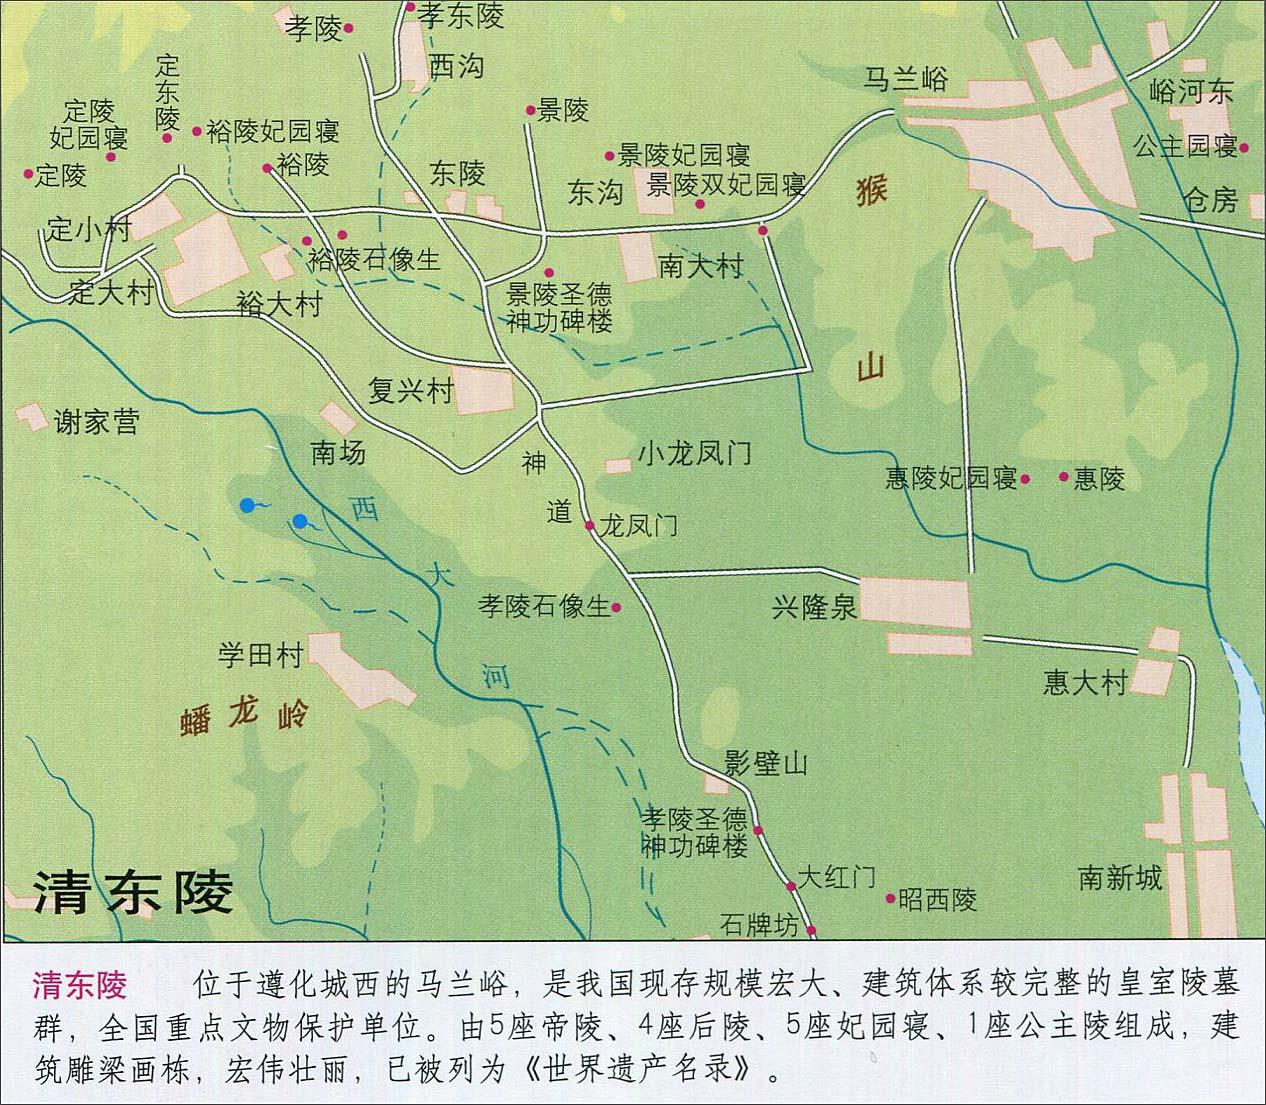 地图库 中国 河北 河北旅游